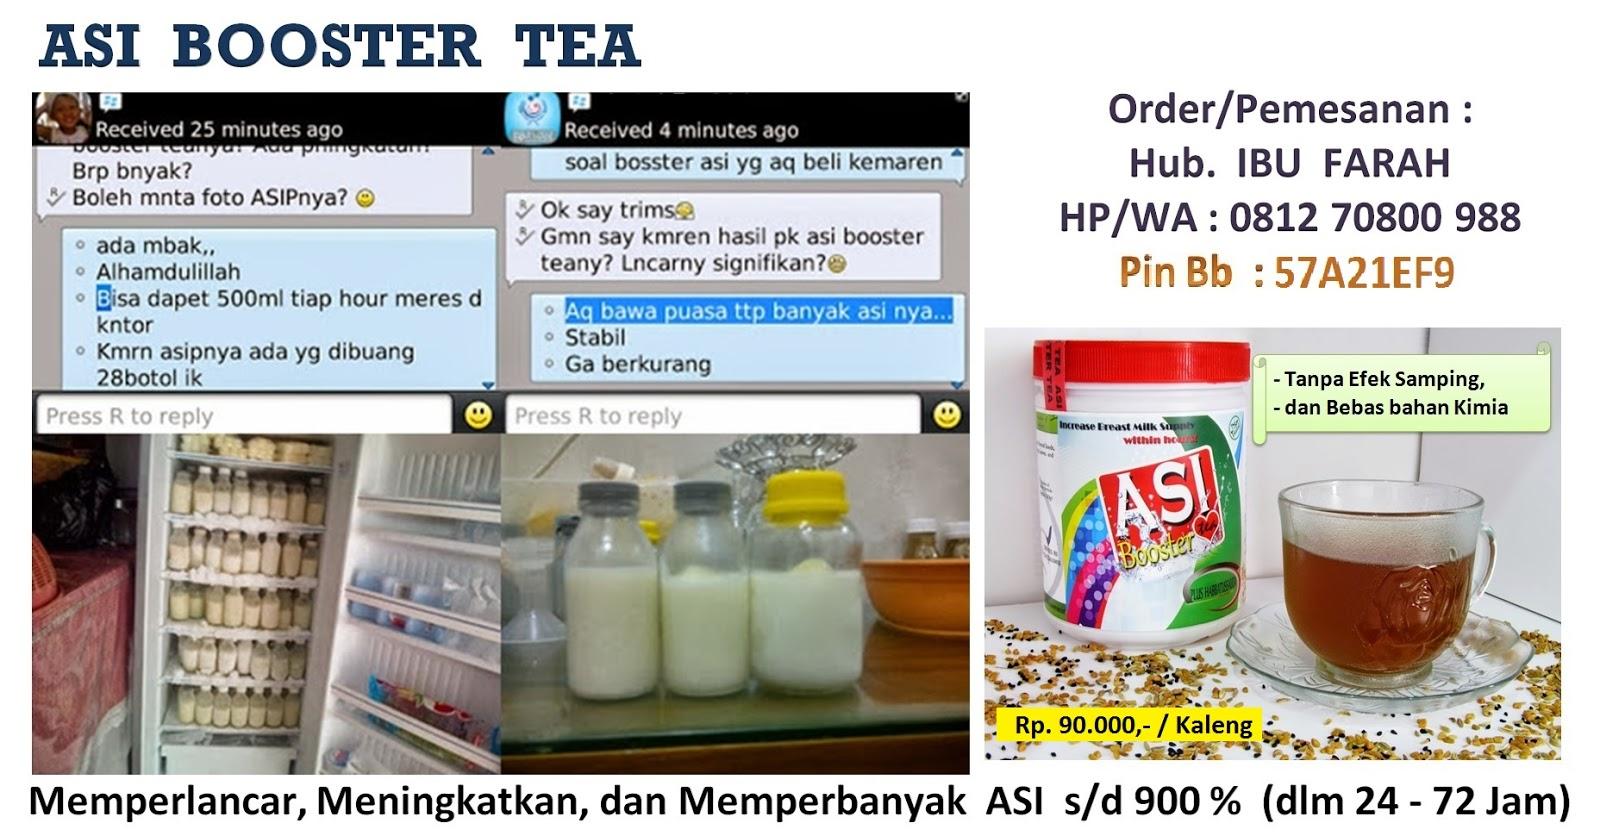 Asi Booster Tea Teh Memperlancar Daftar Harga Terbaru Dan Pelancar 210gr Hp 0812 70800 988 Telkomsel Cara Melancarkan Memperbanyak